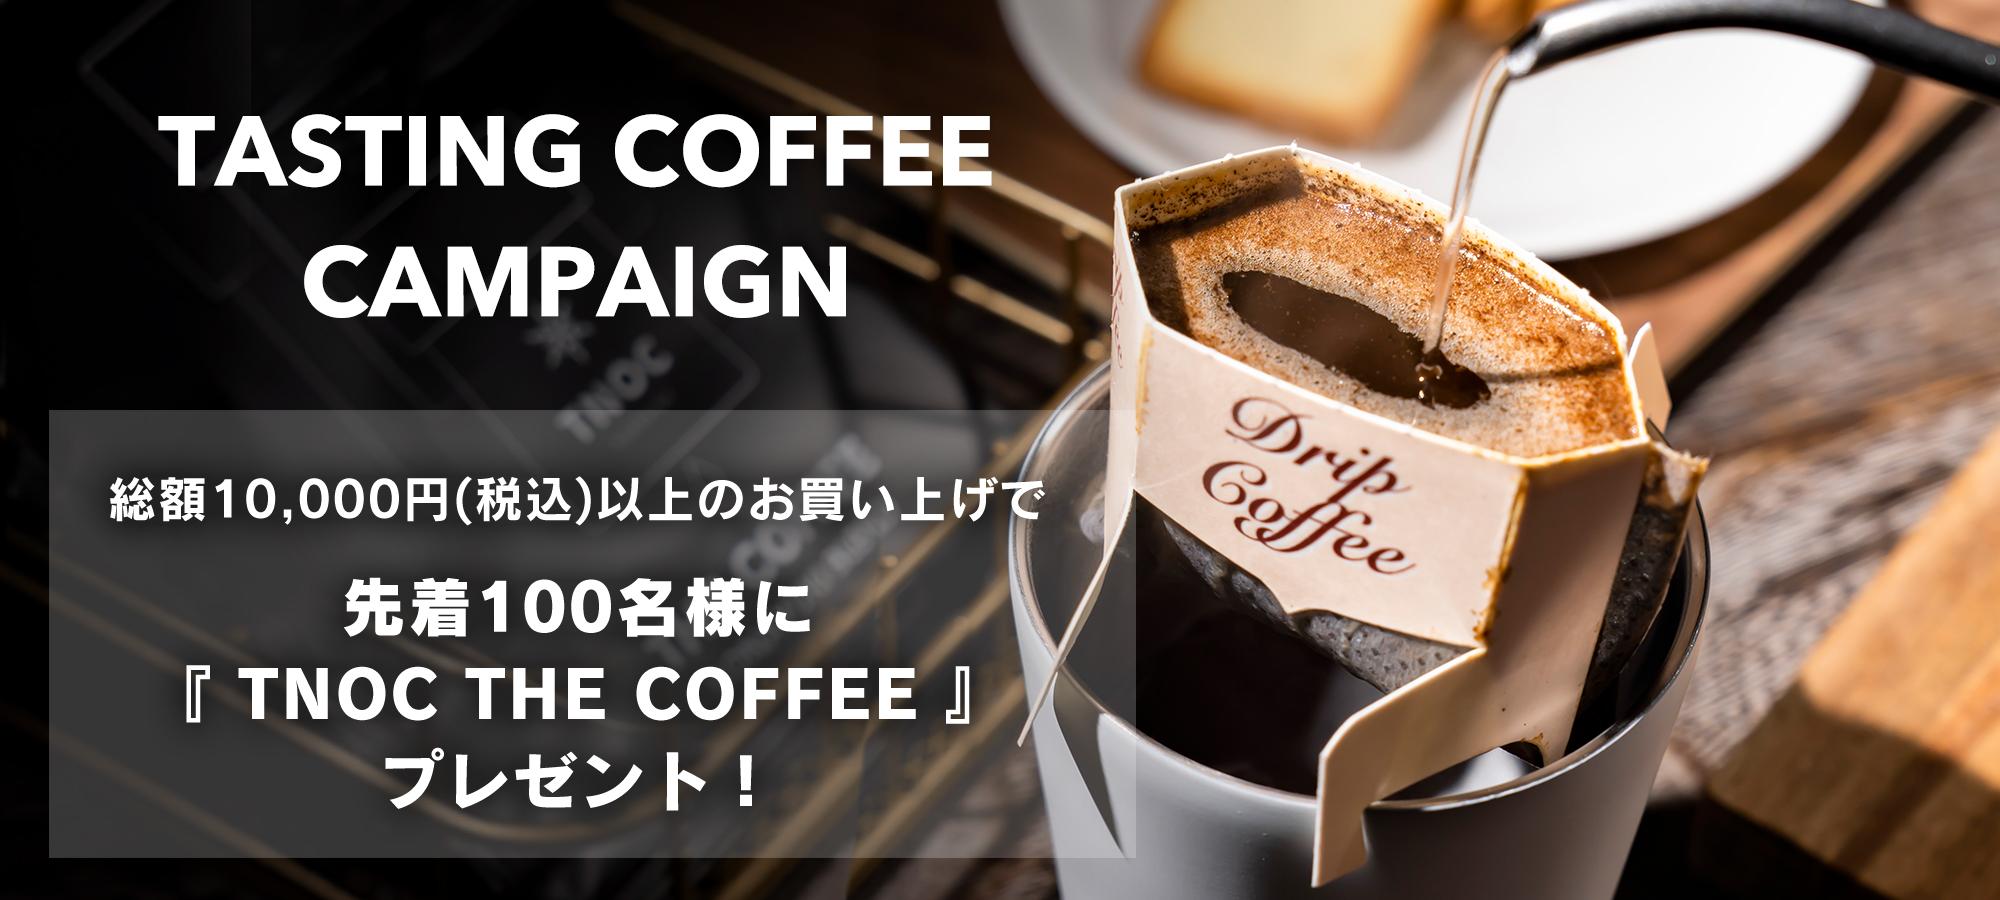 心温まる北海道のコーヒーを。